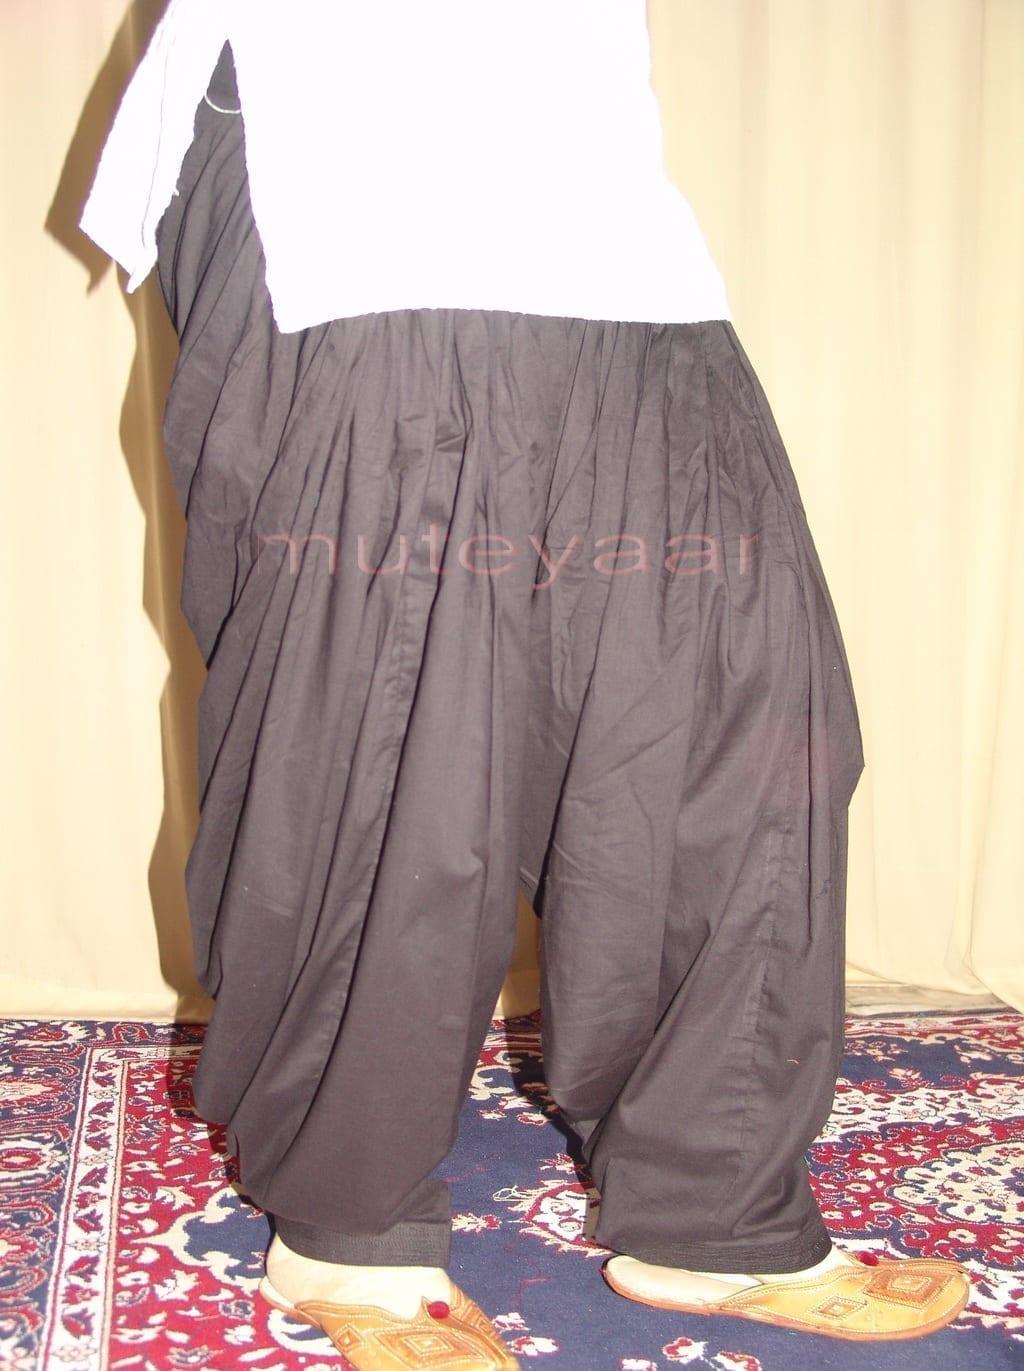 Patiala Salwars Wholesale Lot of 25 Pure Cotton Pants - Mix colours 7